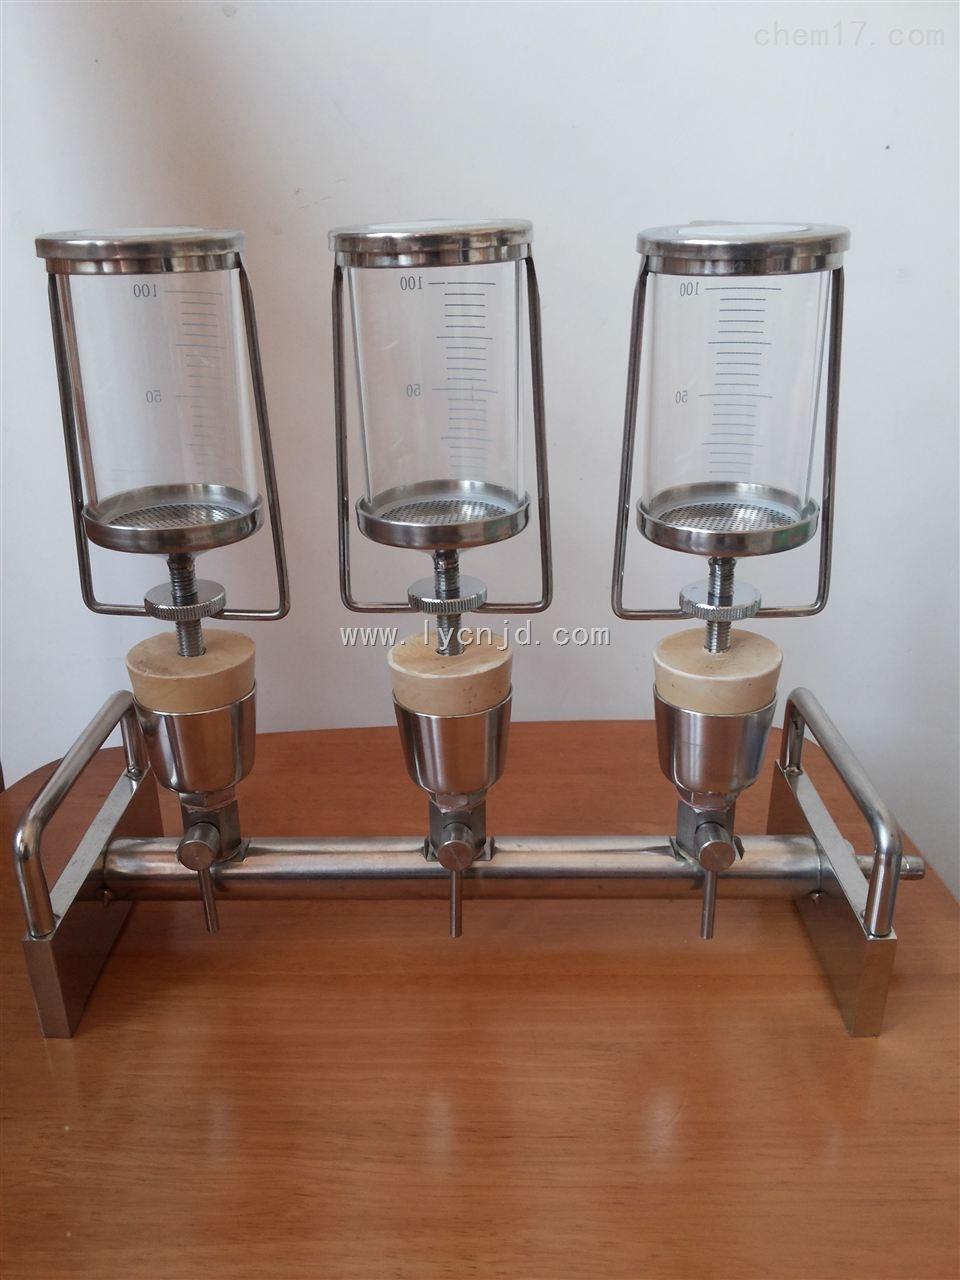 纯化水检测用薄膜过滤器